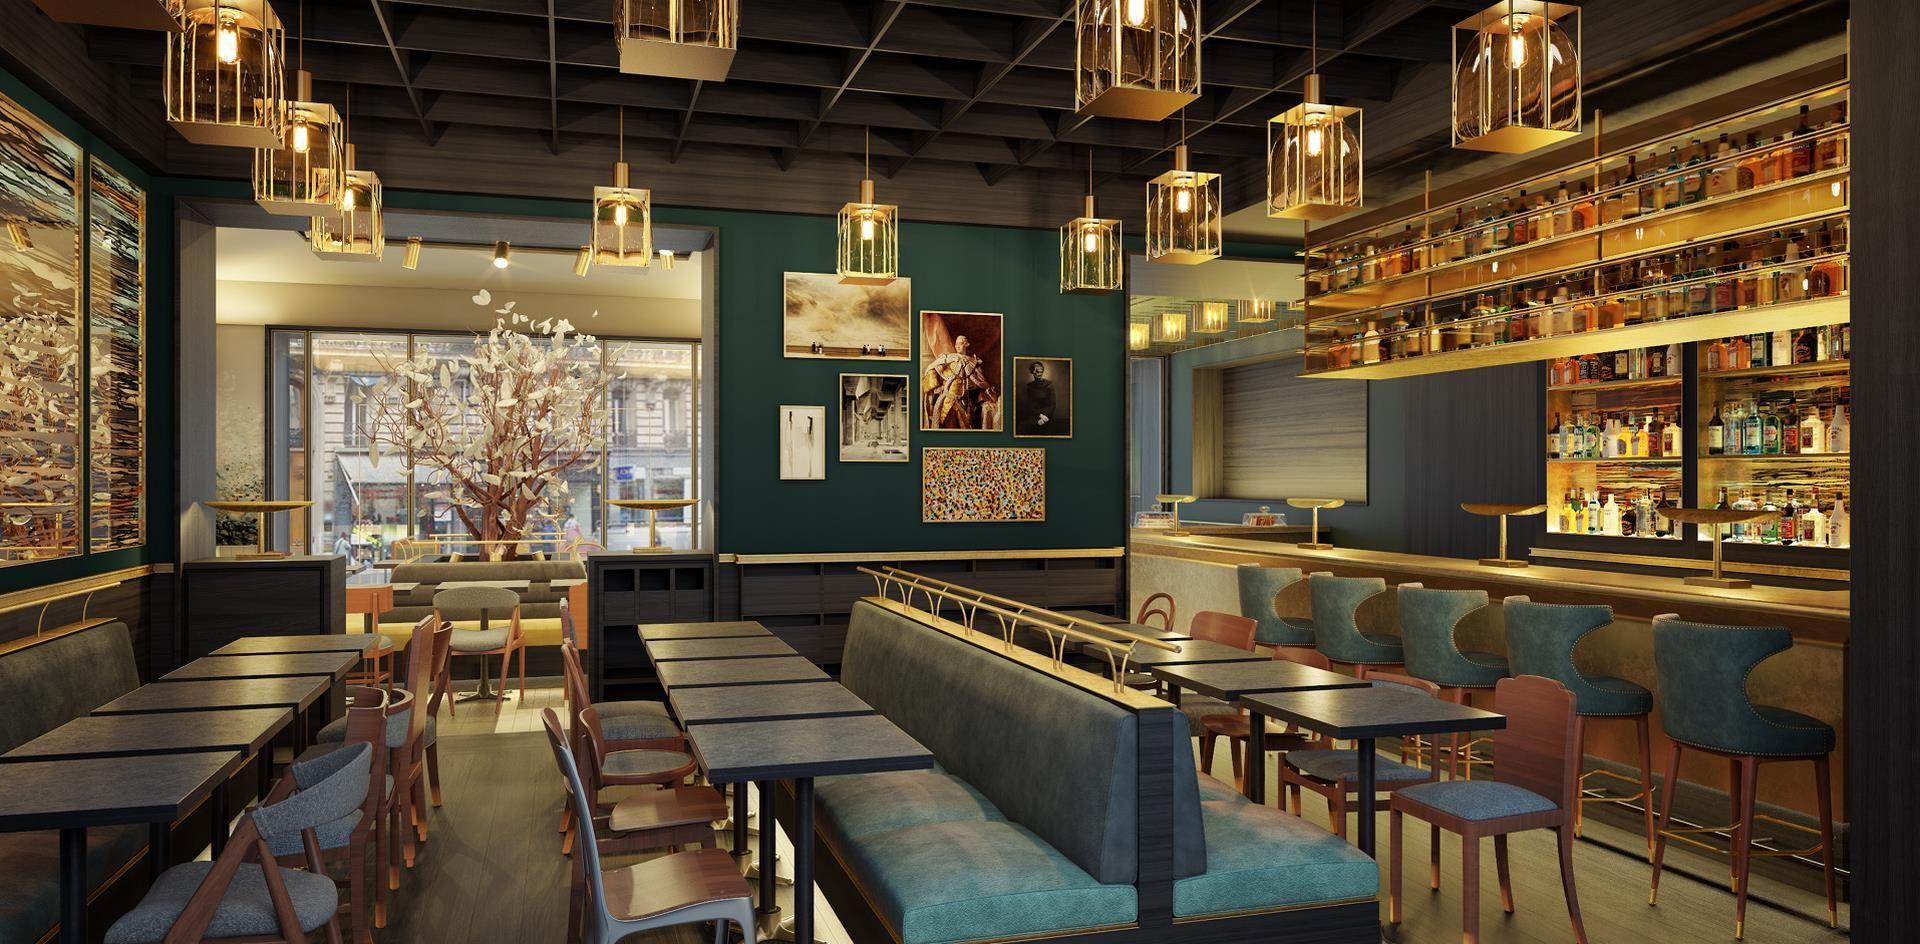 brasserie rejane - jld | restaurant | pinterest | google search